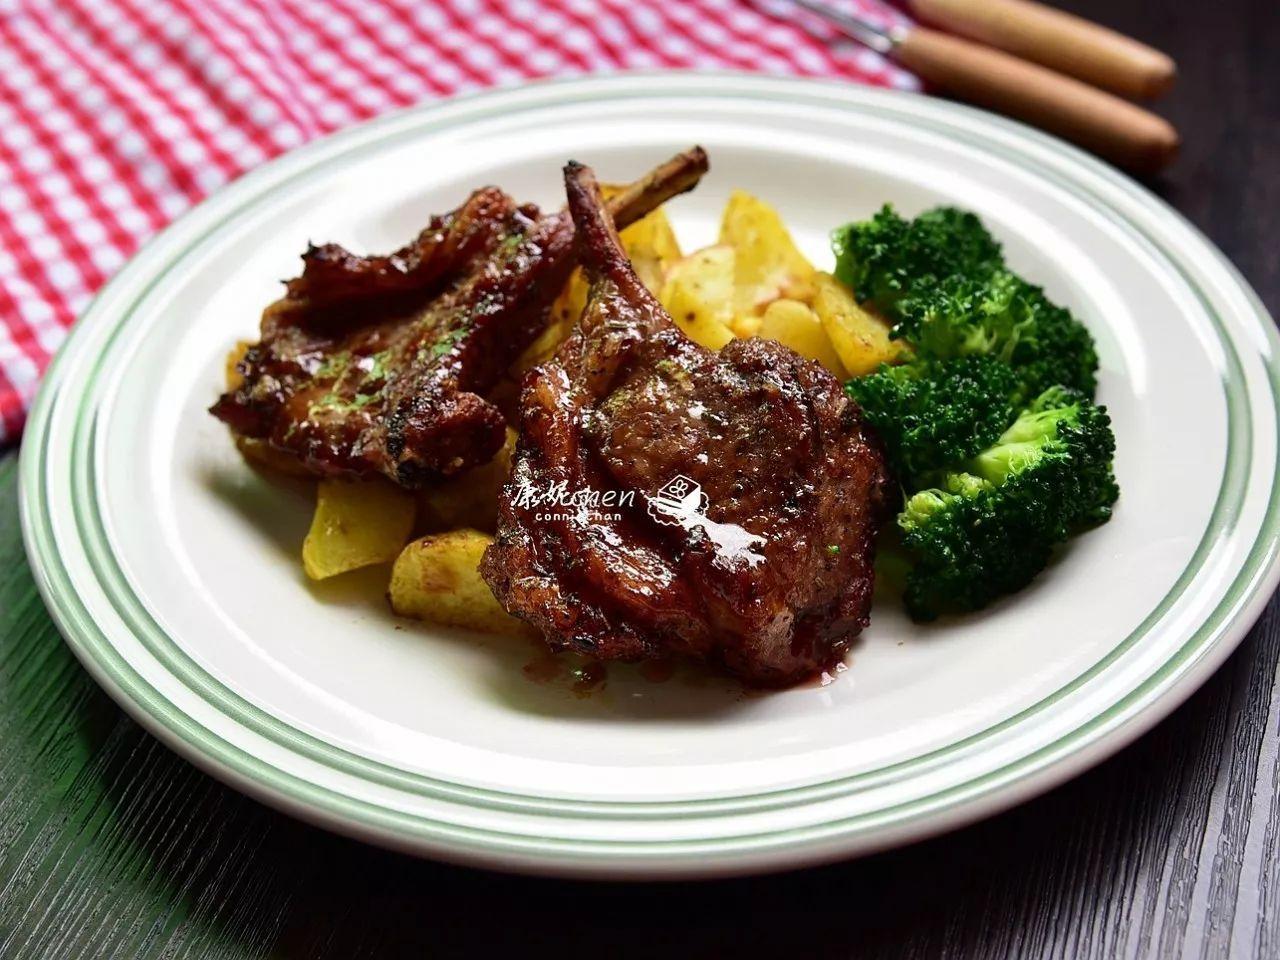 冬天孩子怕冷,给孩子做这菜,御寒温补,简单易做,好吃极了